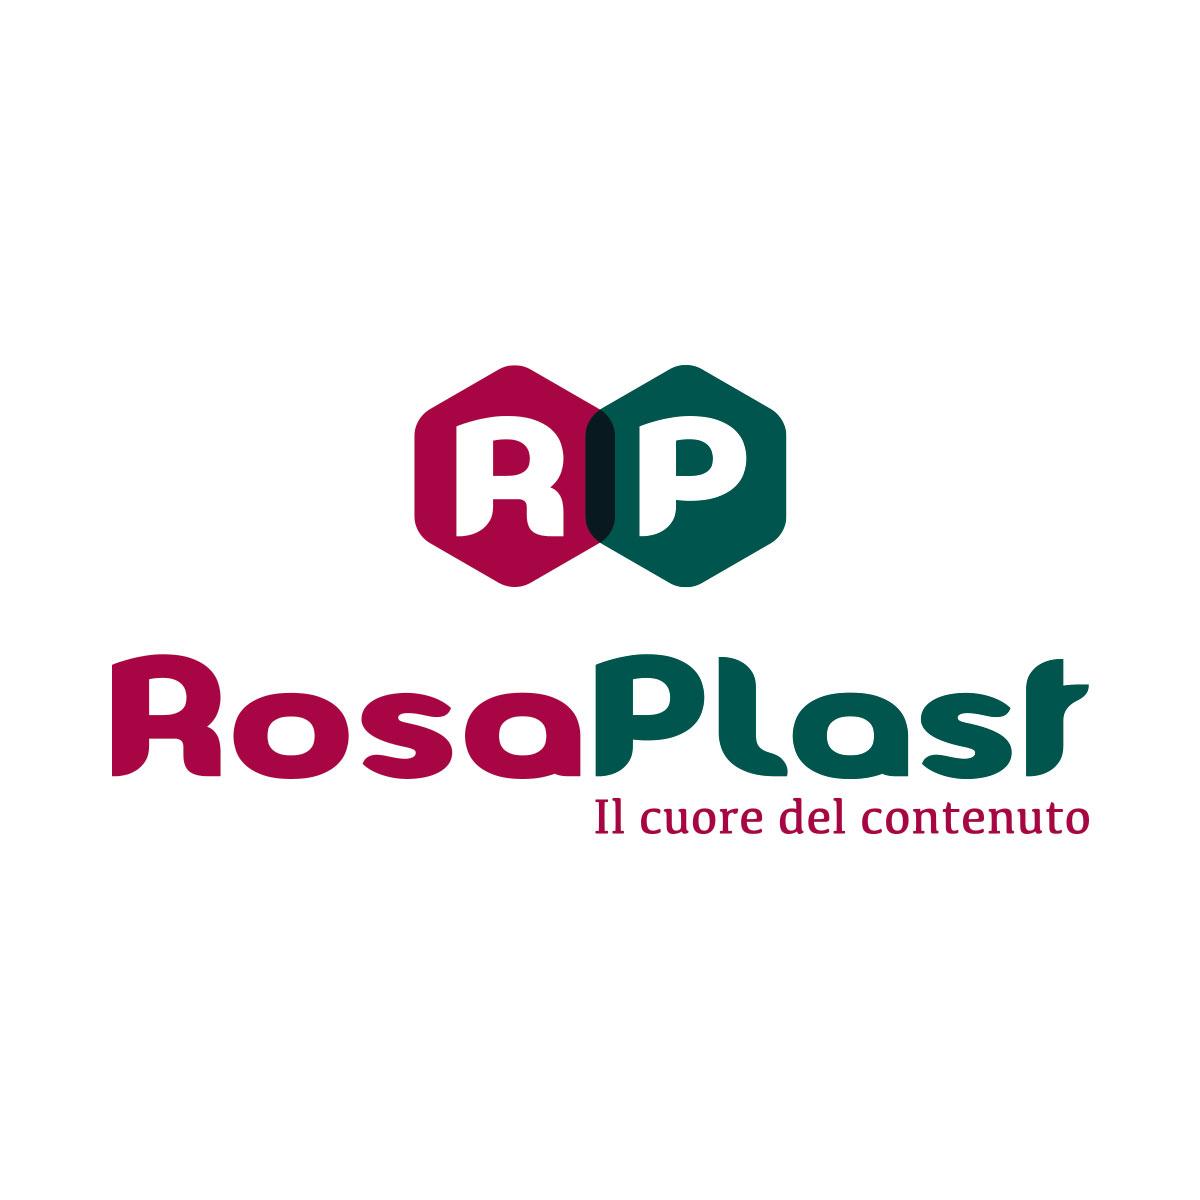 Rosa Plast Marchio